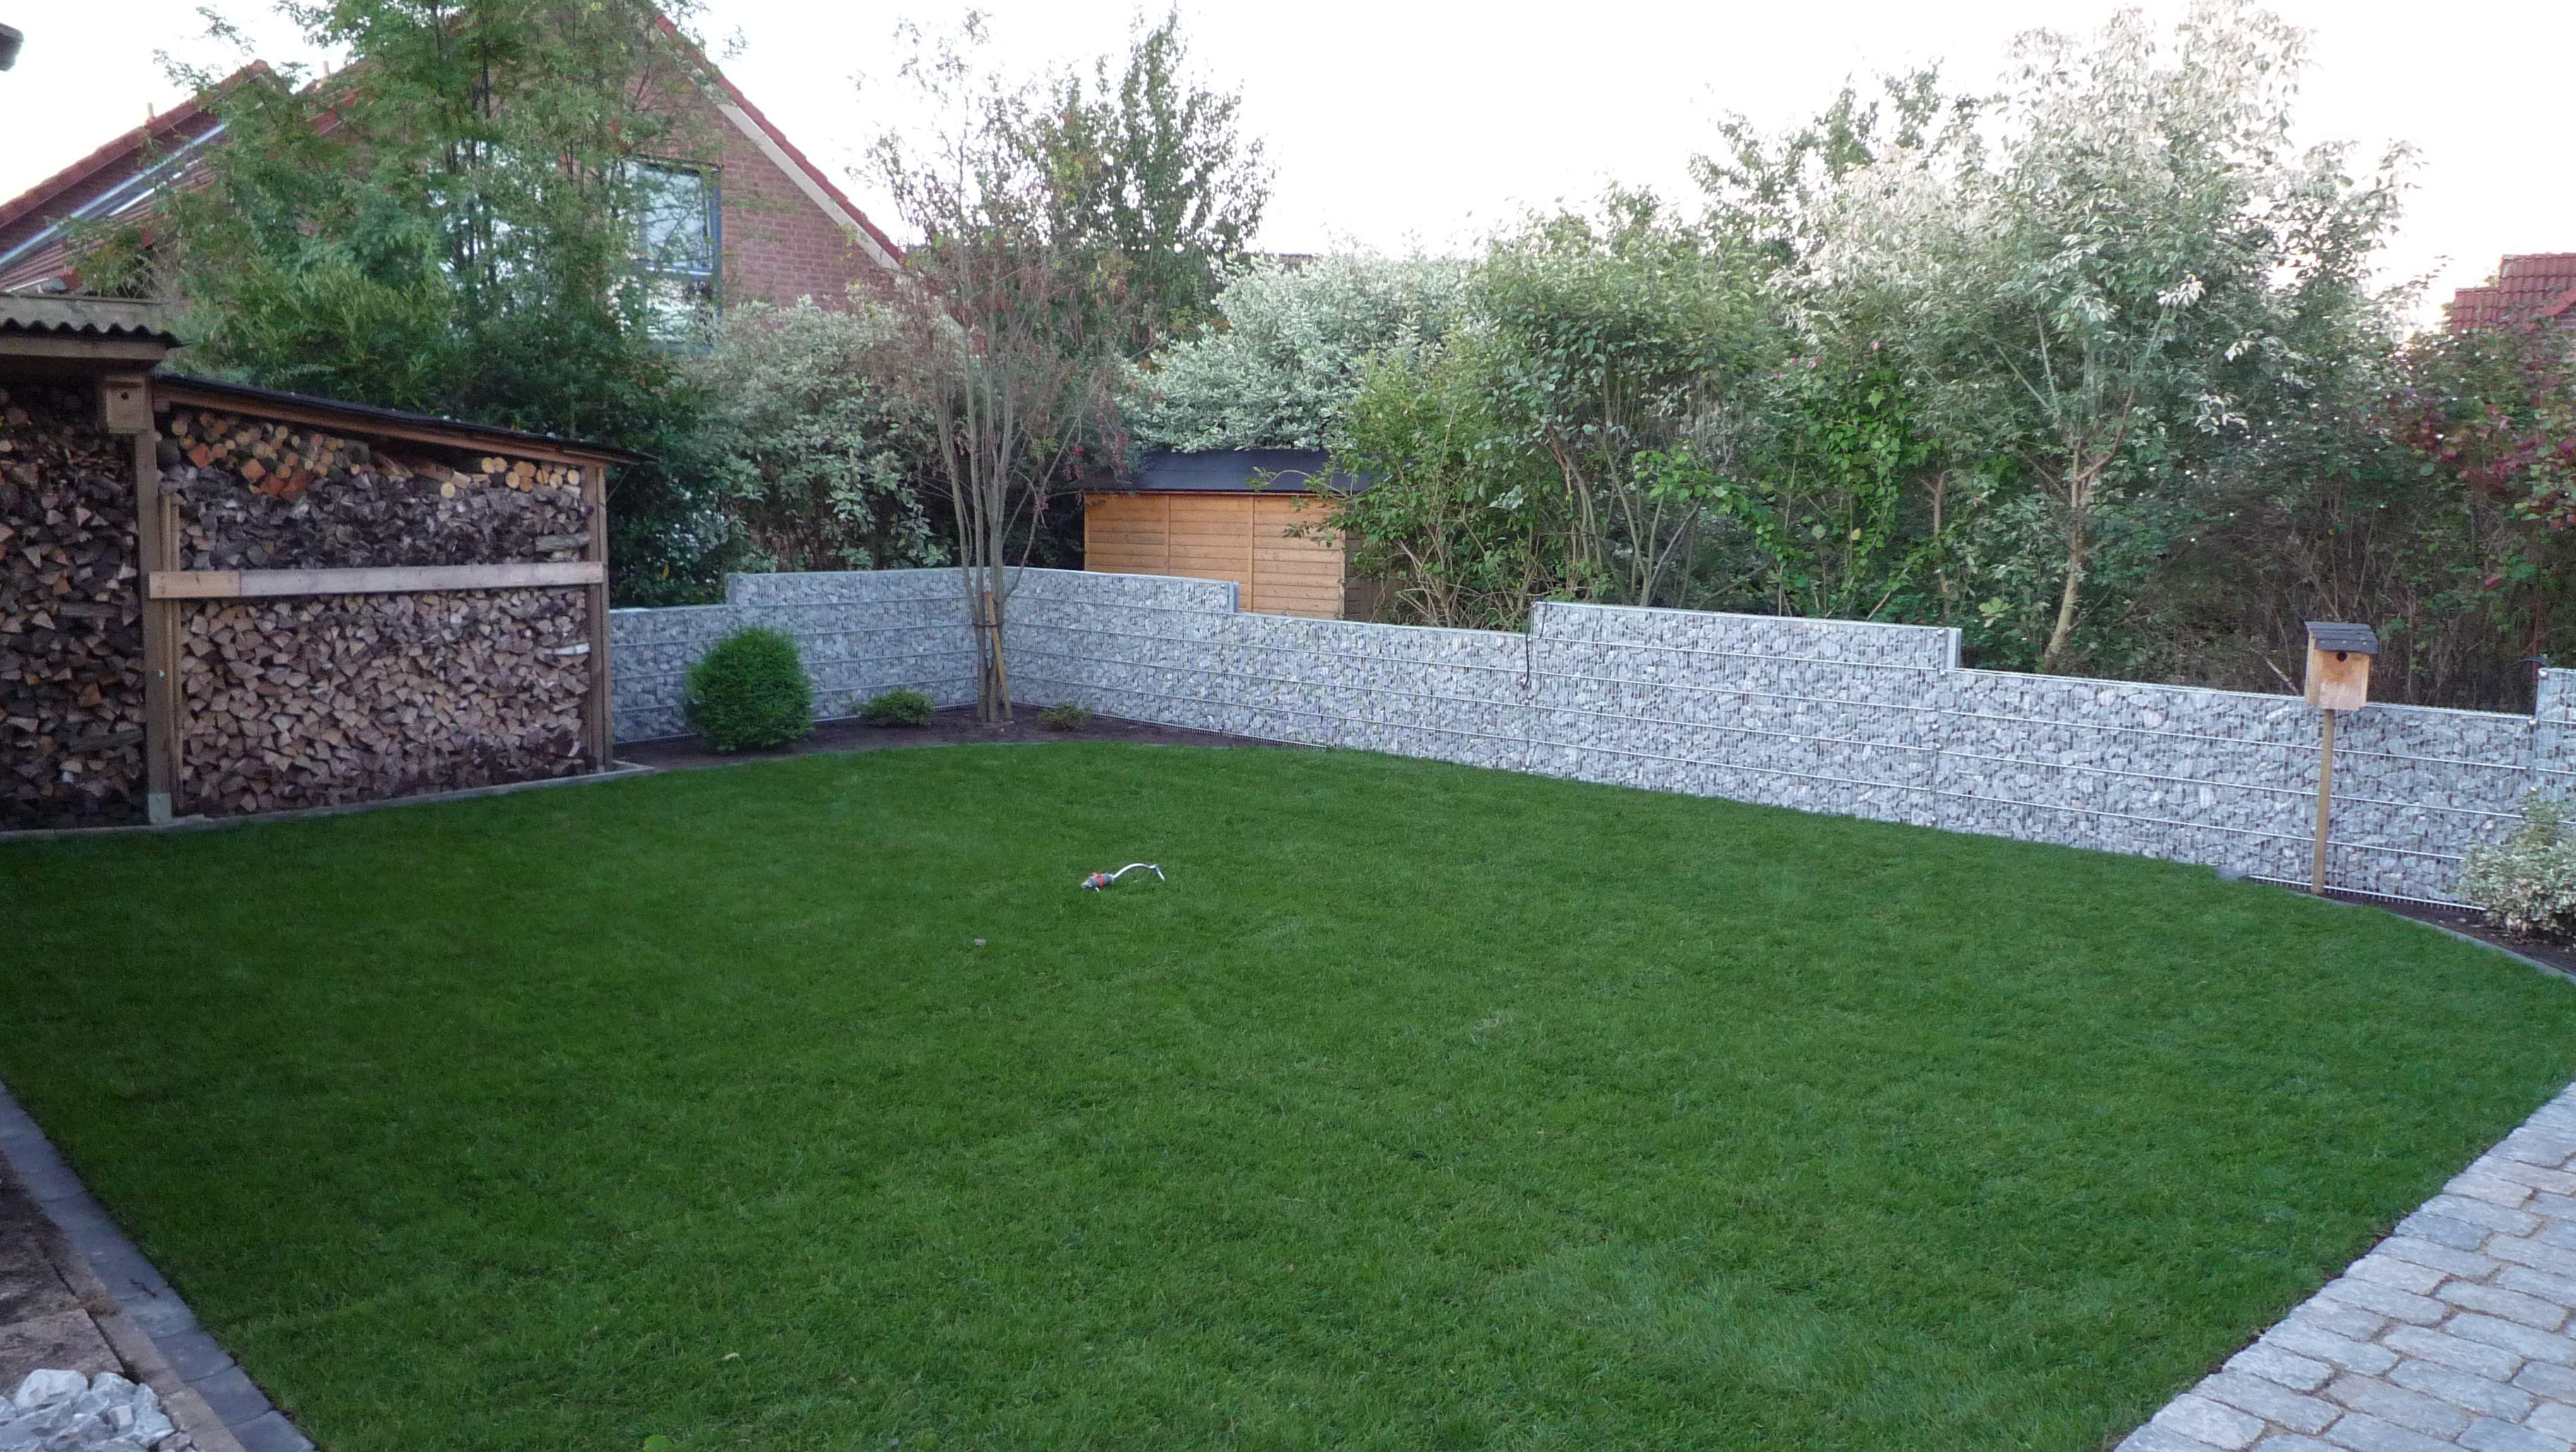 Schön Gestaltung Kleiner Garten Ideen Von Sie Haben Einen Kleinen Garten? Dann Machen